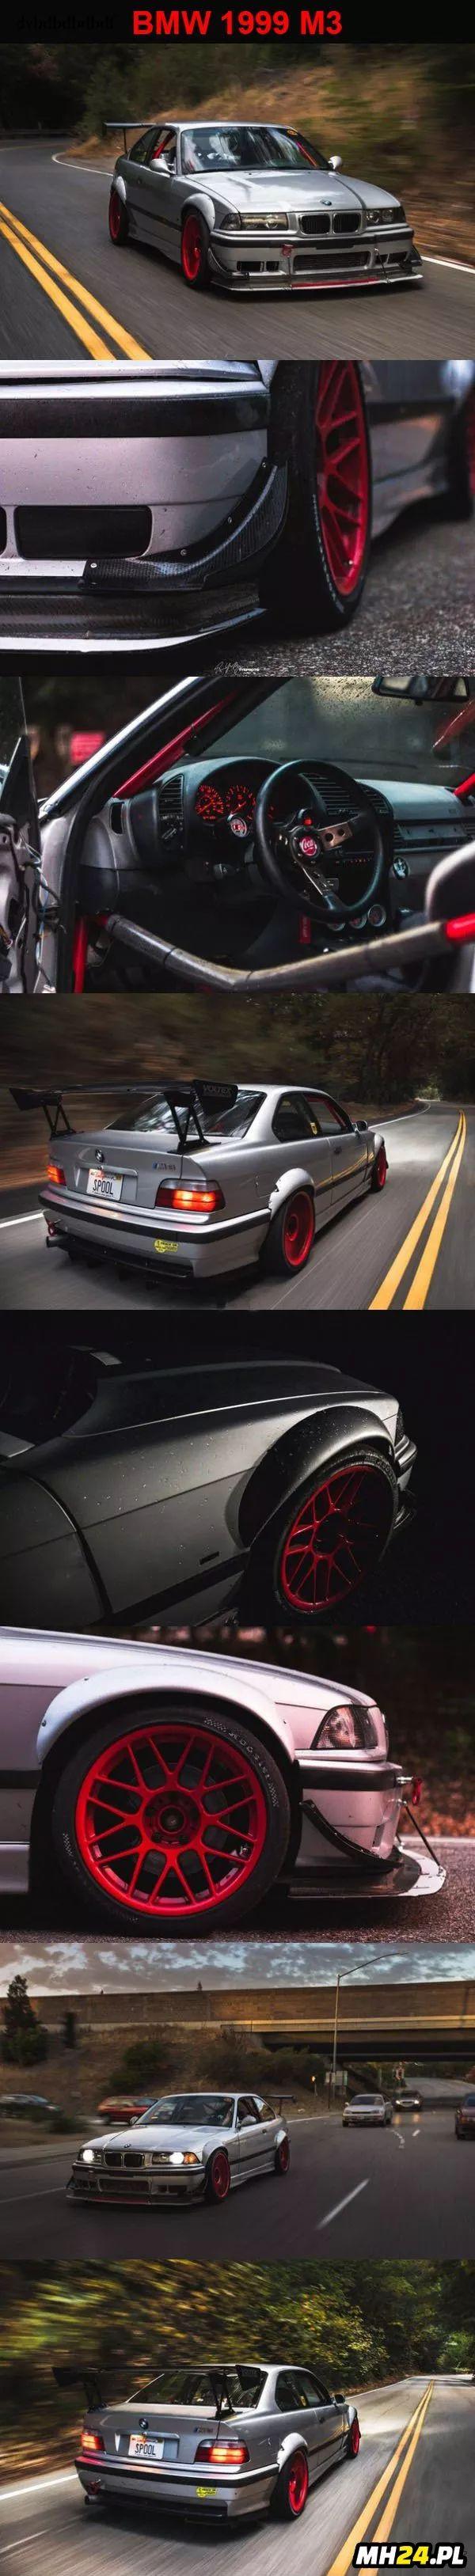 BMW 1999 M3